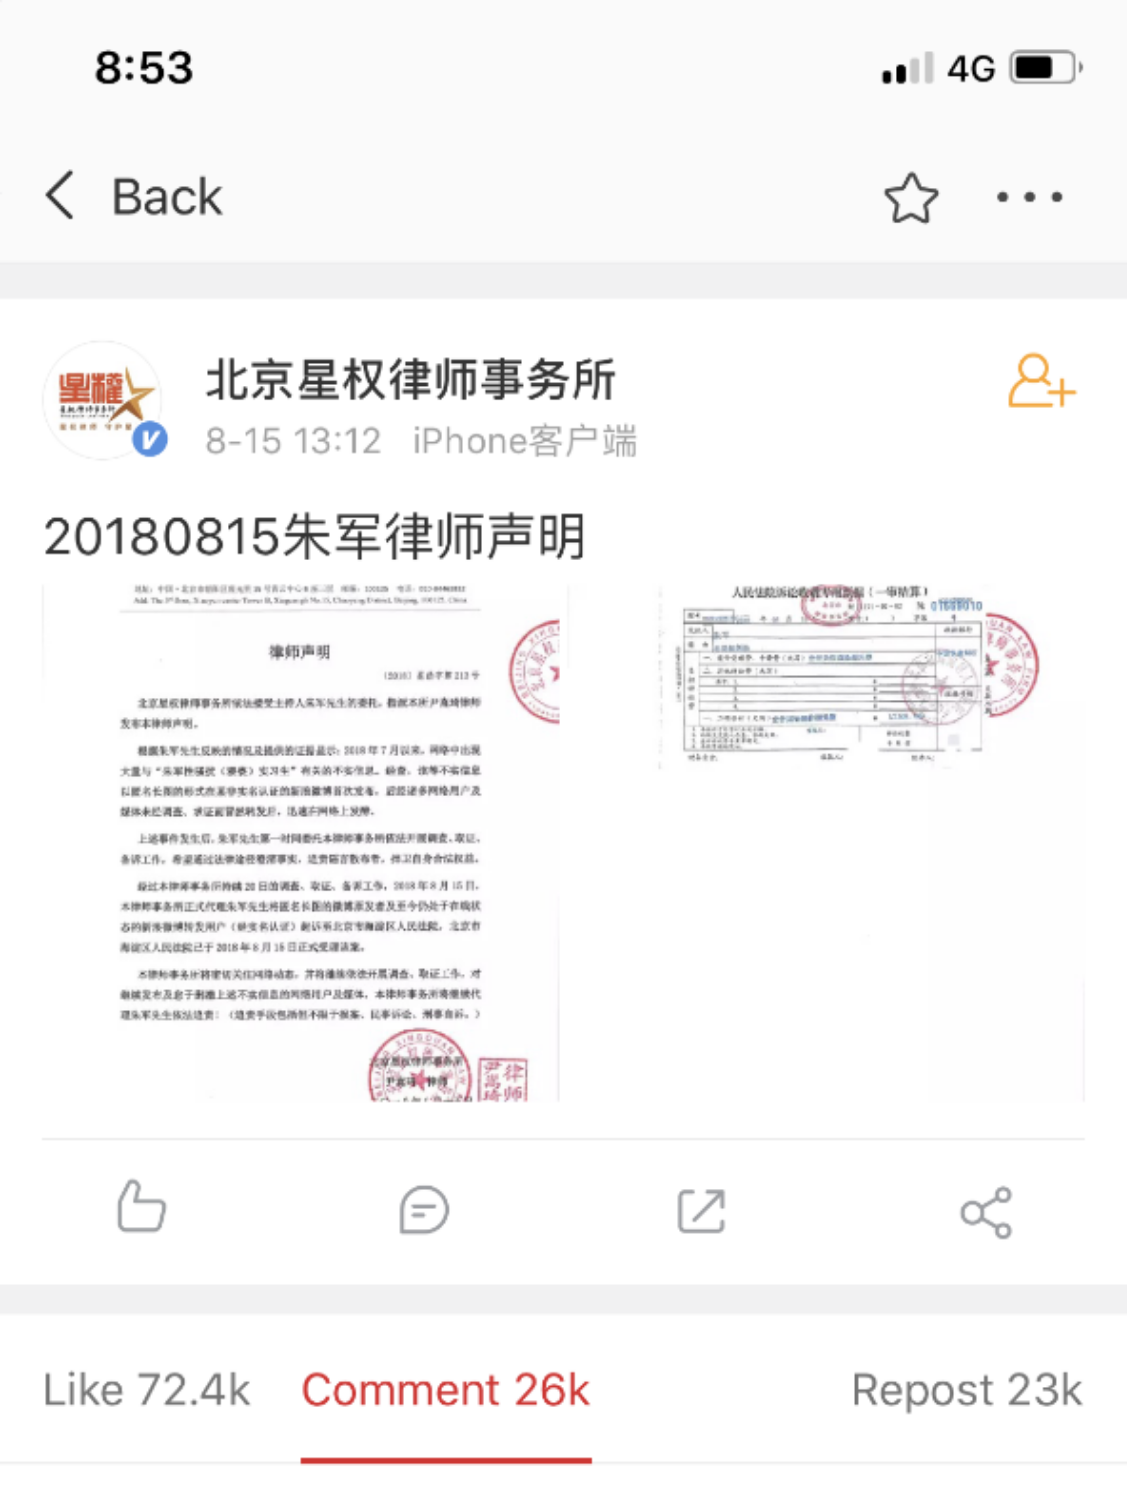 北京星权律师事务所.jpg.jpg